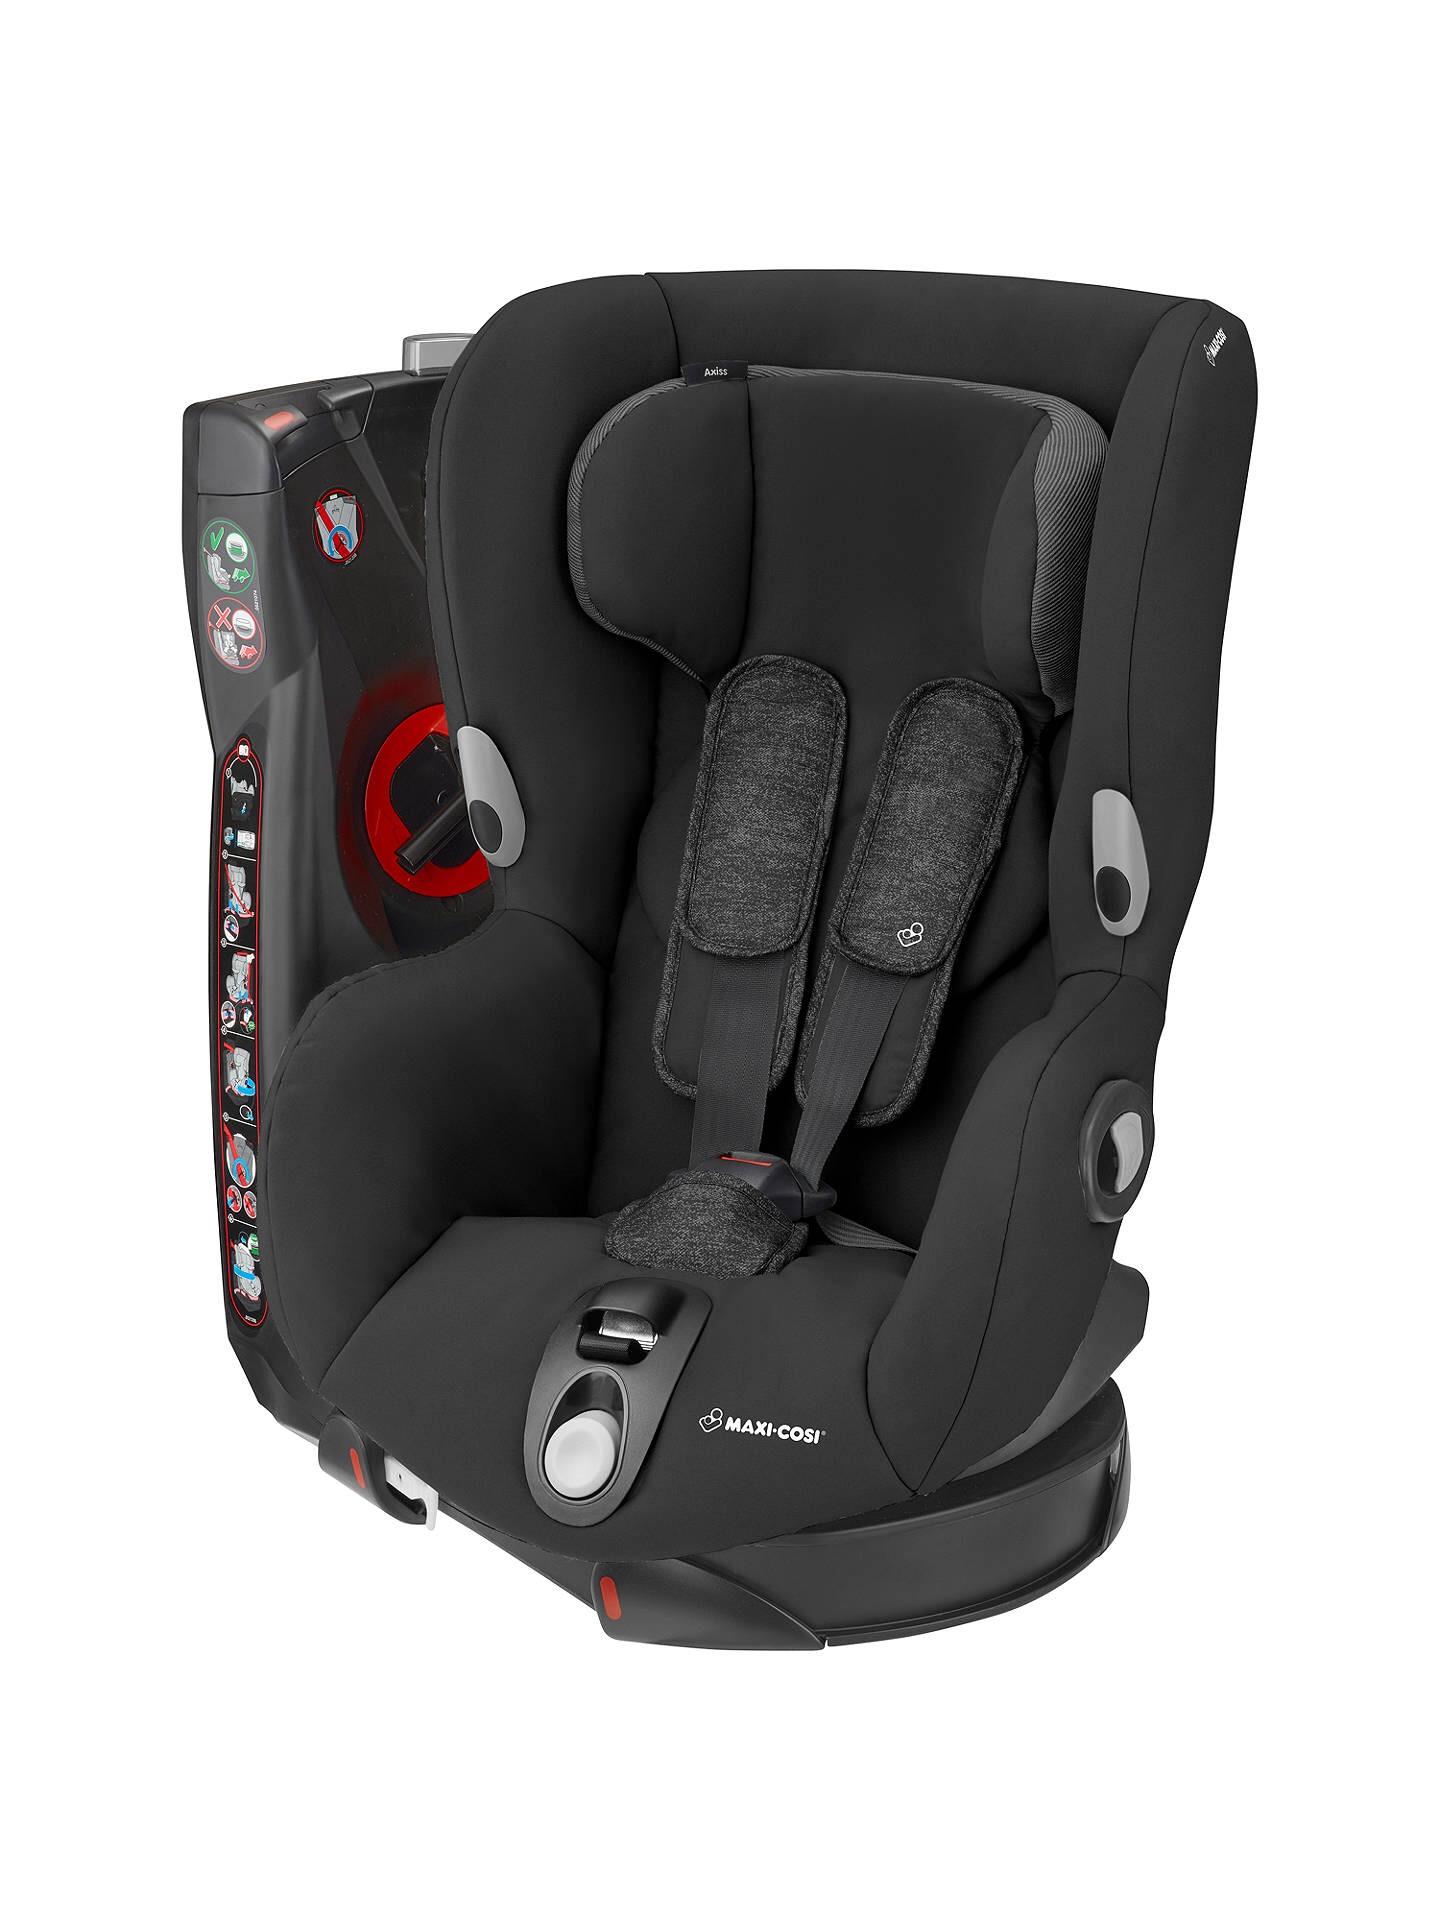 Maxi-Cosi Axiss Toddler Swivel Car Seat @ Amazon £119.99